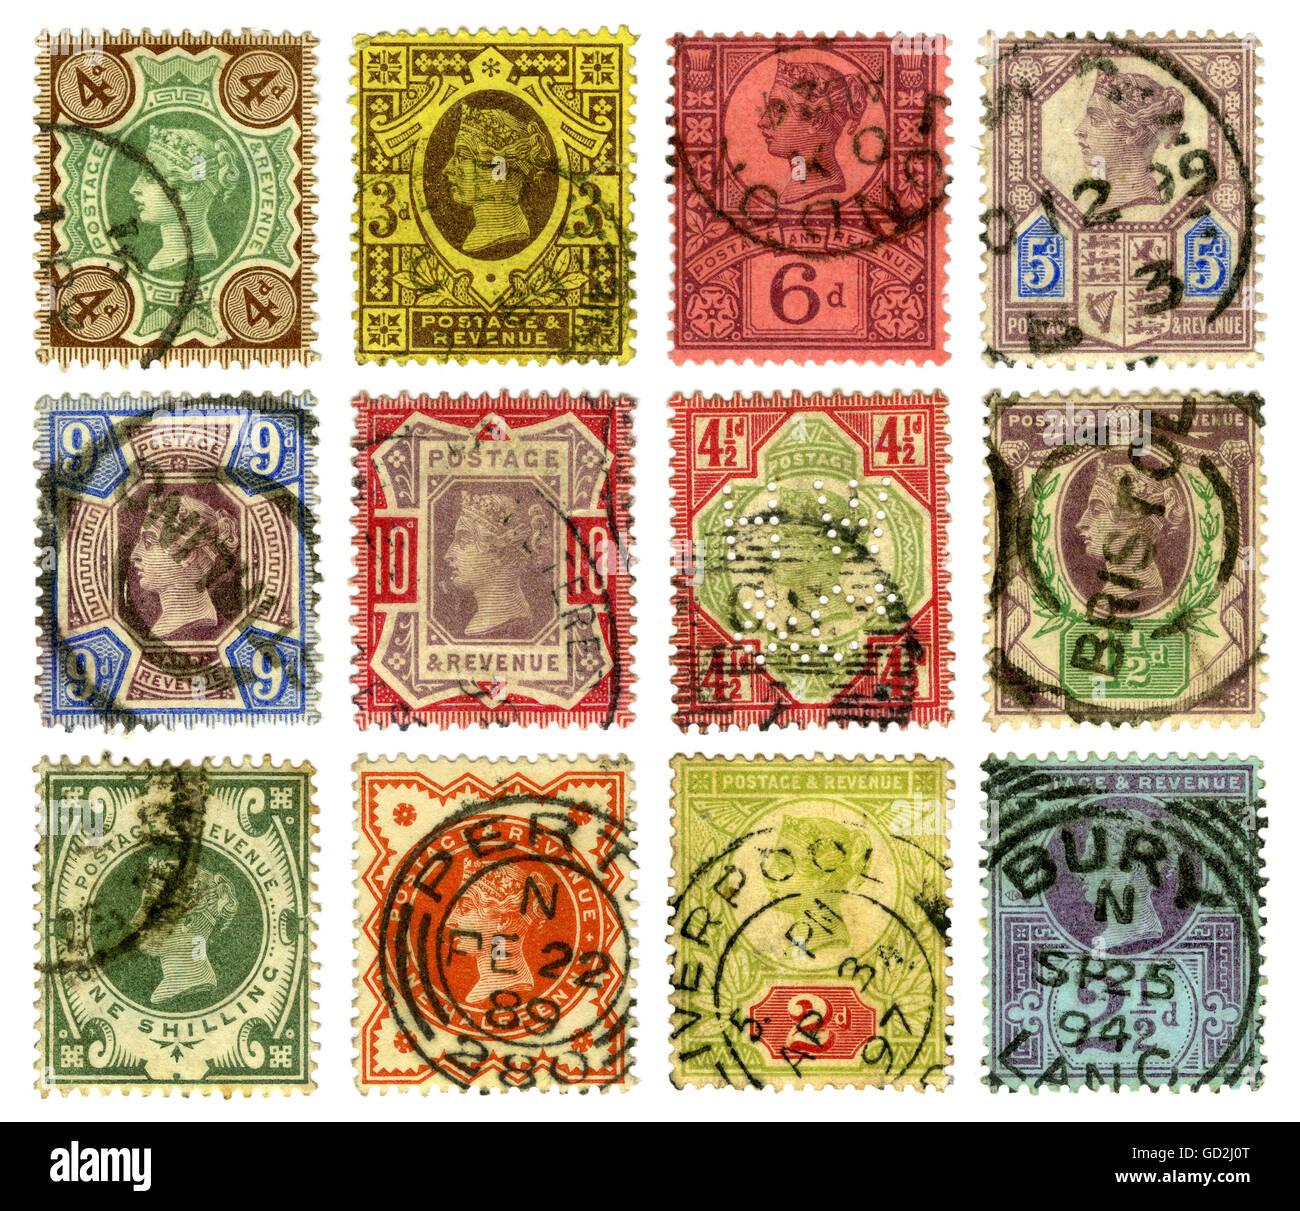 Correo, sellos postales, Gran Bretaña, sellos postales británicos con el retrato de la Reina Victoria, 1889 hasta 1899, Derechos adicionales-Clearences-no disponible Foto de stock